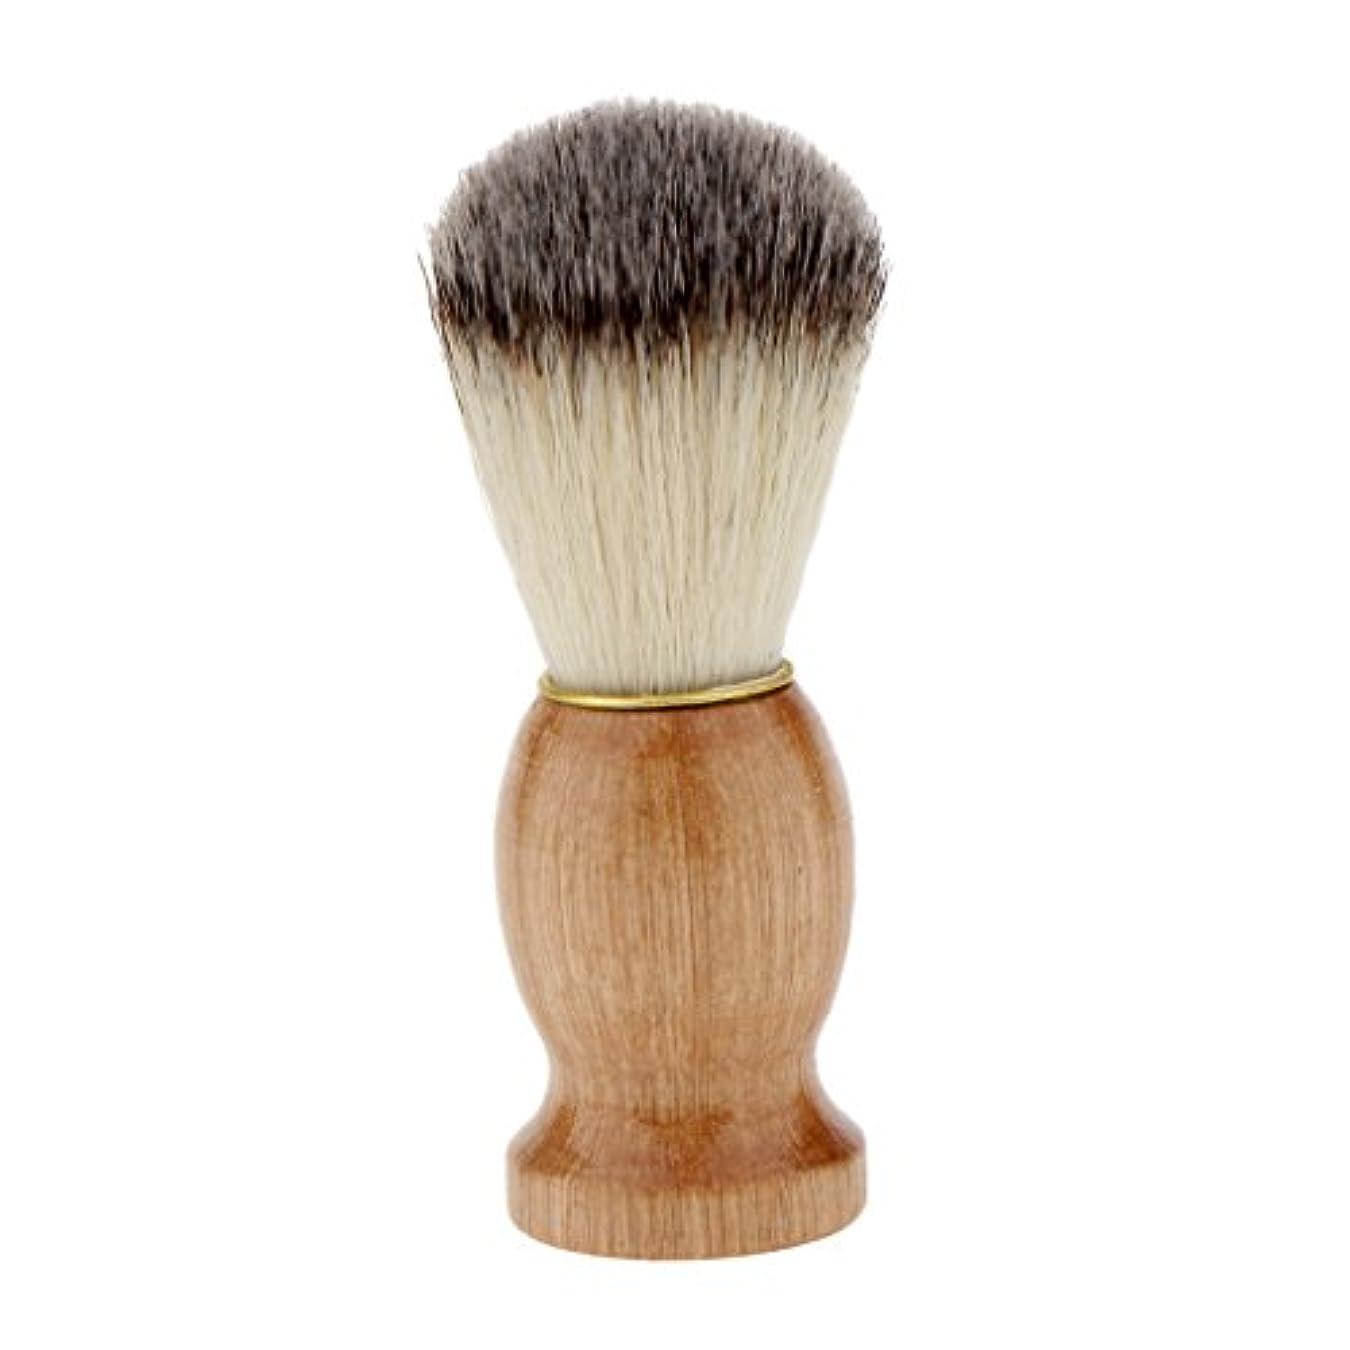 四半期ドラッグ表向きシェービングブラシ コスメブラシ 木製ハンドル メンズ ひげ剃りブラシ クレンジング